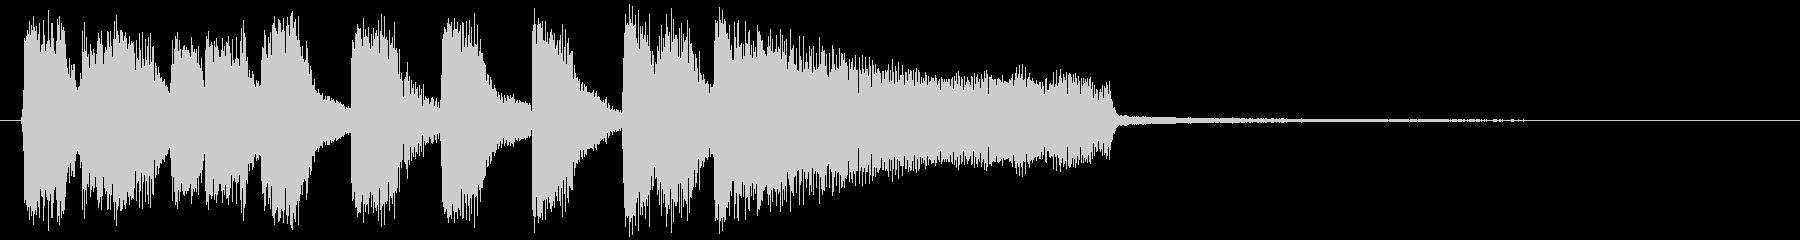 オシャレなラッパのアイキャッチの未再生の波形